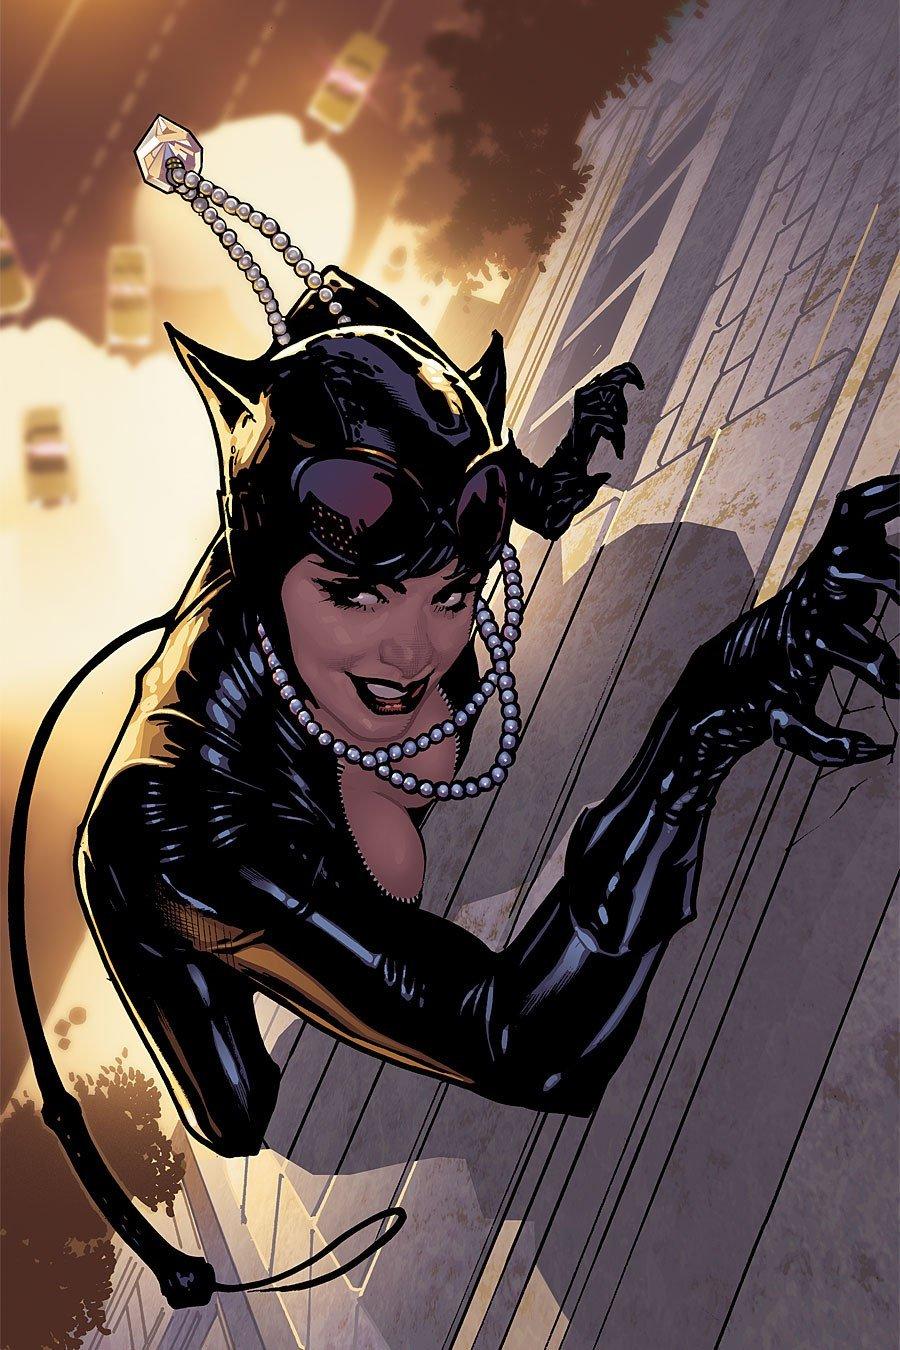 Топ-10 самых горячих героинь комиксов | Канобу - Изображение 9